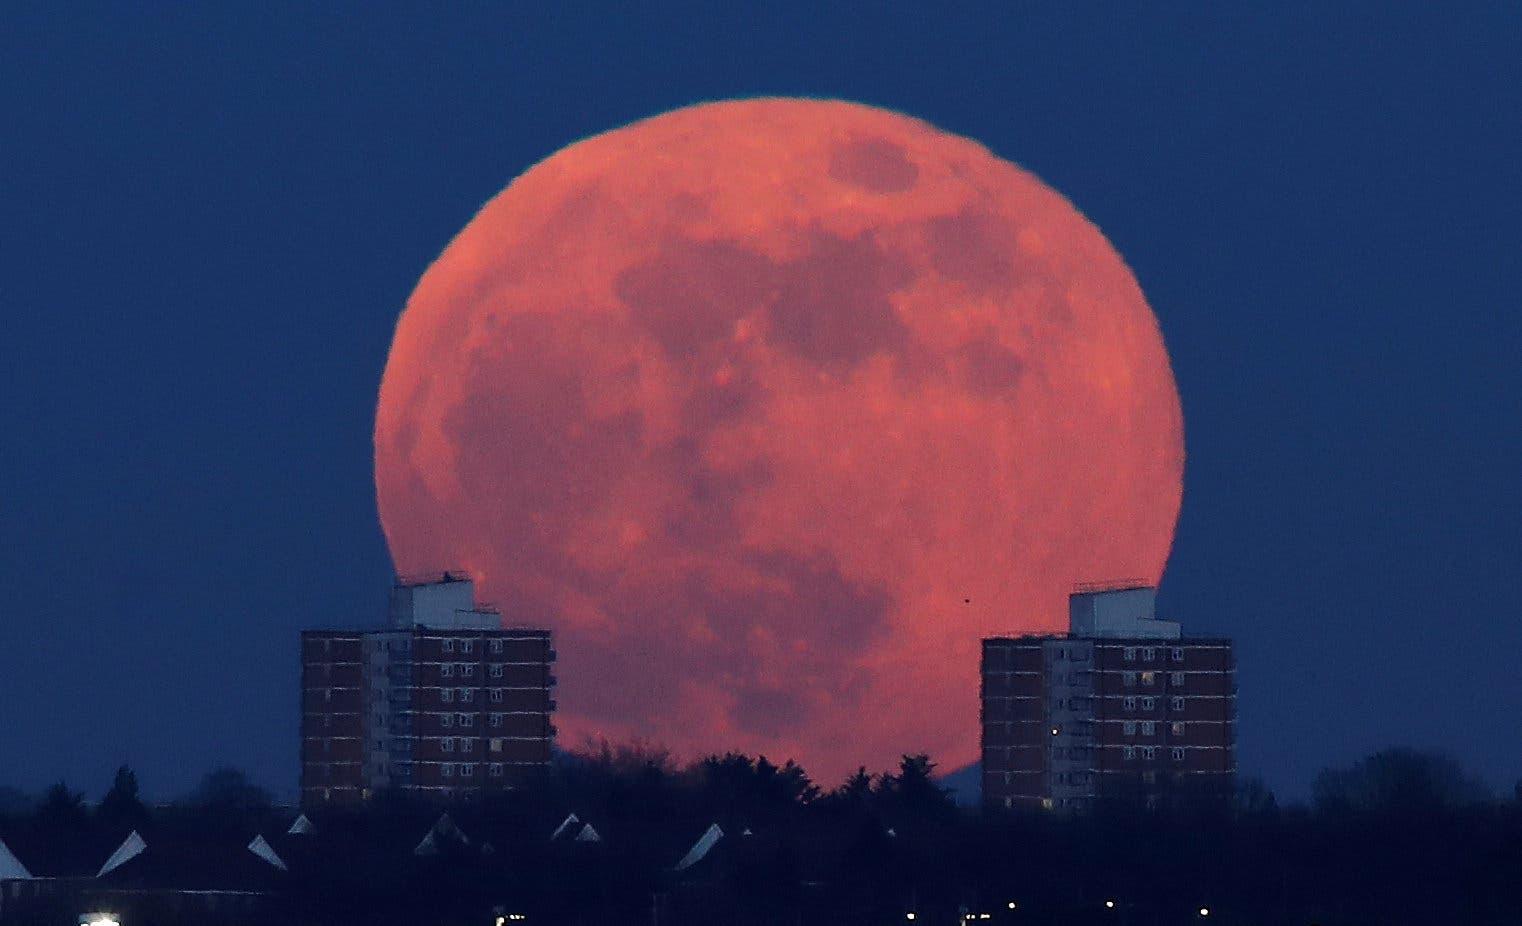 صورة للقمر العملاق من شمال لندن